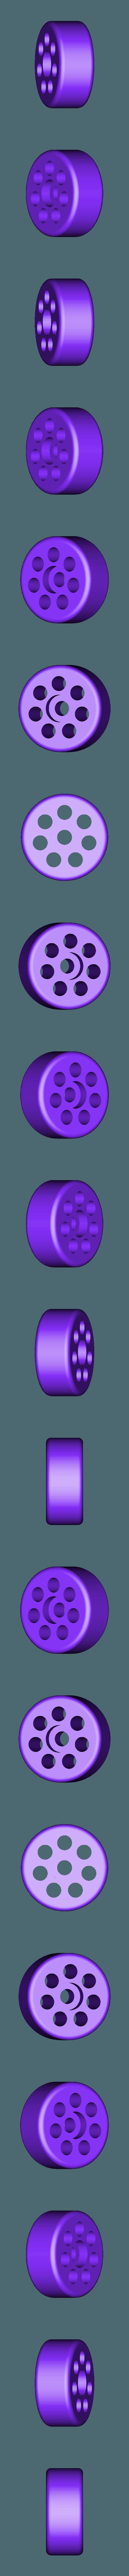 ARRMA_WHEEL_BIG.stl Télécharger fichier STL gratuit Arrma Wheelie Barre à roue Typhon BLX 6S • Modèle pour imprimante 3D, peterbroeders